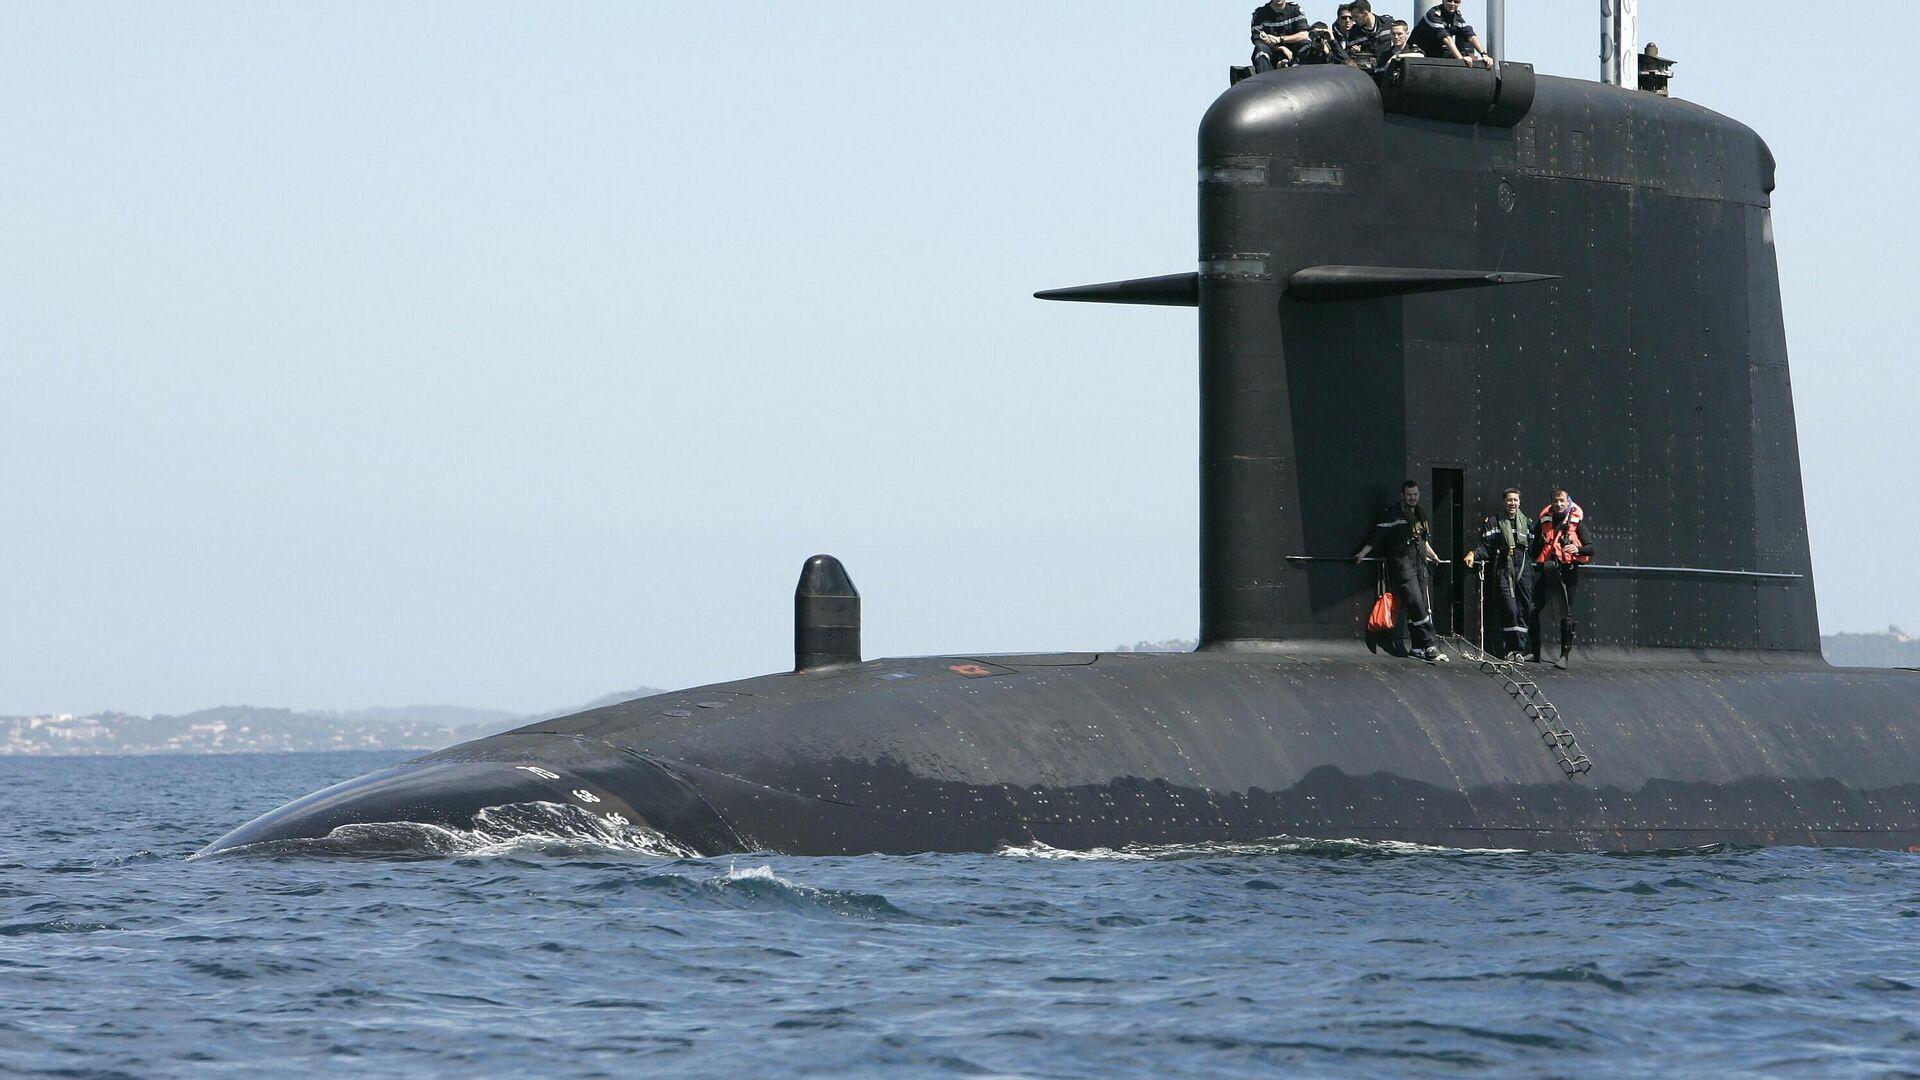 Submarino Saphir - Sputnik Mundo, 1920, 14.04.2021